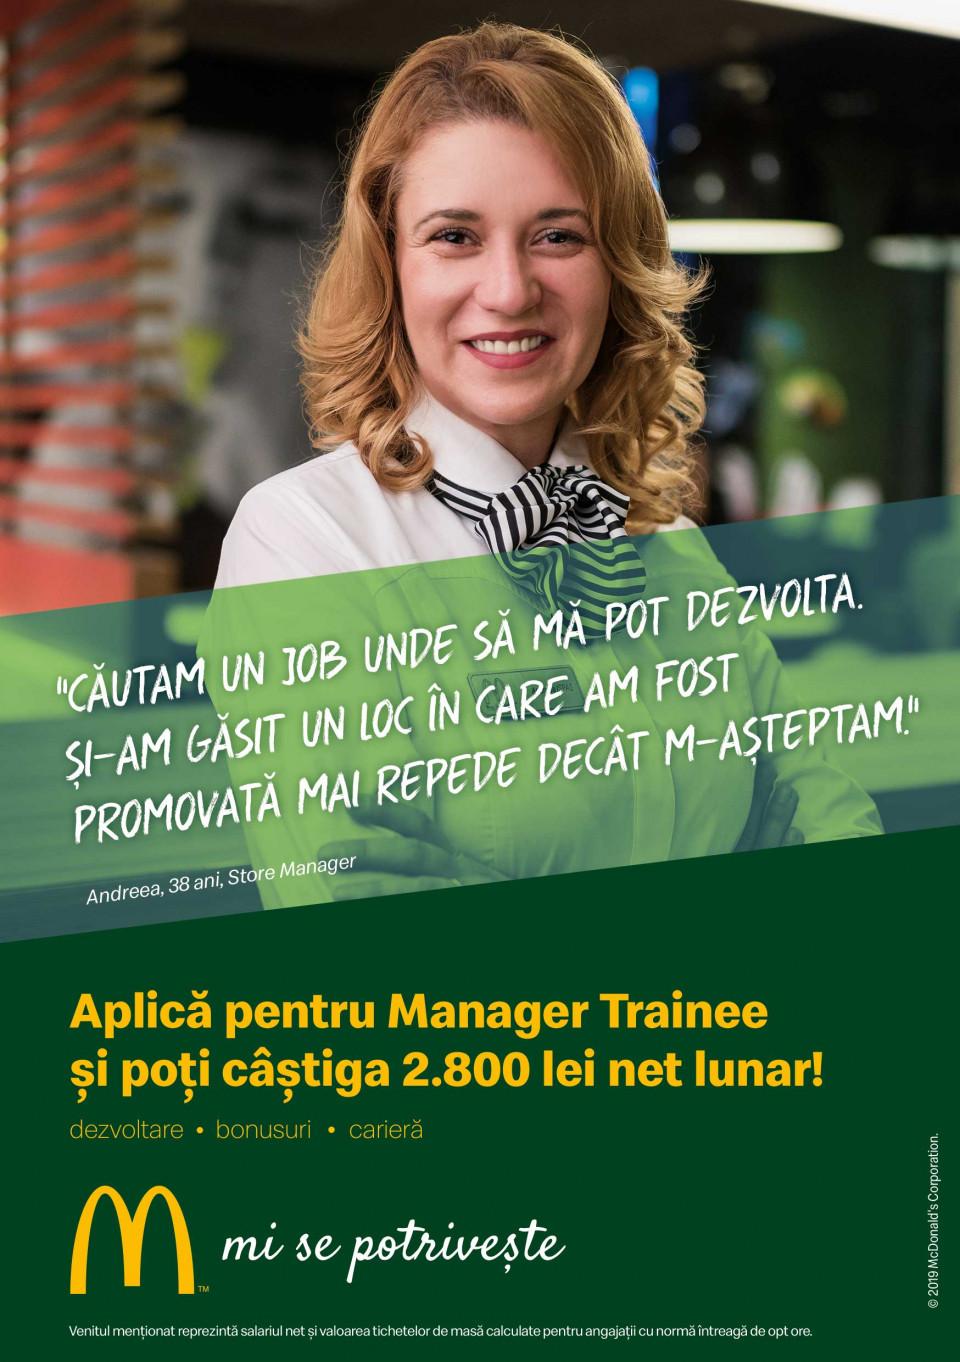 Brasov si Oradea McDonald's în RomâniaCei 5.000 de angajați ai McDonald's în România știu ce înseamnă puterea unui zâmbet.  Echipa McDonald's e formată din oameni muncitori, ambițioși, pentru care interacțiunea cu alți oameni este o bucurie. În fiecare zi, angajații McDonald's întâmpină peste 210.000 de clienți. Ne dorim să aducem în echipa noastră colegi dornici să învețe și să crească în cadrul unei echipe puternice și ambițioase.  McDonald's a deschis primul restaurant în România pe 16 iunie 1995, în Unirea Shopping Center din București. A fost primul pas în construirea unei povești de succes, care se dezvoltă în fiecare an.  În 2016, McDonald's în România a devenit Premier Restaurants România, ca urmare a parteneriatului pentru dezvoltare încheiat cu Premier Capital, compania malteză care coordonează operațiunile McDonald's din șase țări europene: Estonia, Grecia, Letonia, Lituania, Malta și România.  Astăzi, McDonald's are 78 de restaurante în 23 de orașe din România și este liderul pieței de restaurante cu servire rapidă. În același timp, lanțul McCafé, are în prezent 33 de cafenele în România și crește de la an la an.http://mcdonalds.ro  Brasov si Oradea